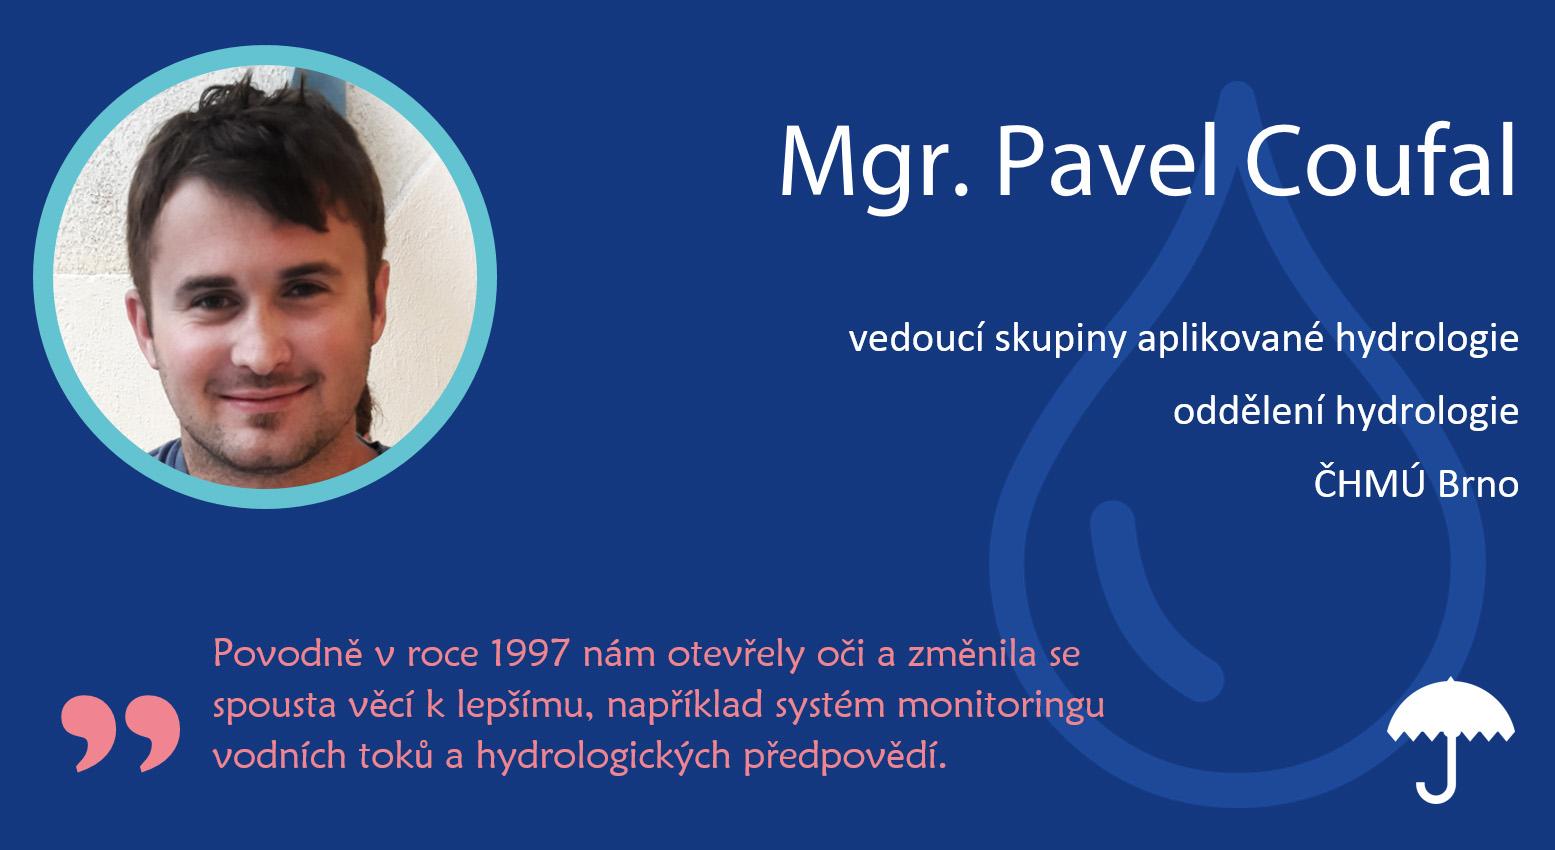 Rozhovor: Pavel Coufal, vedoucí skupiny Aplikované hydrologie na pobočce Brno11 min čtení